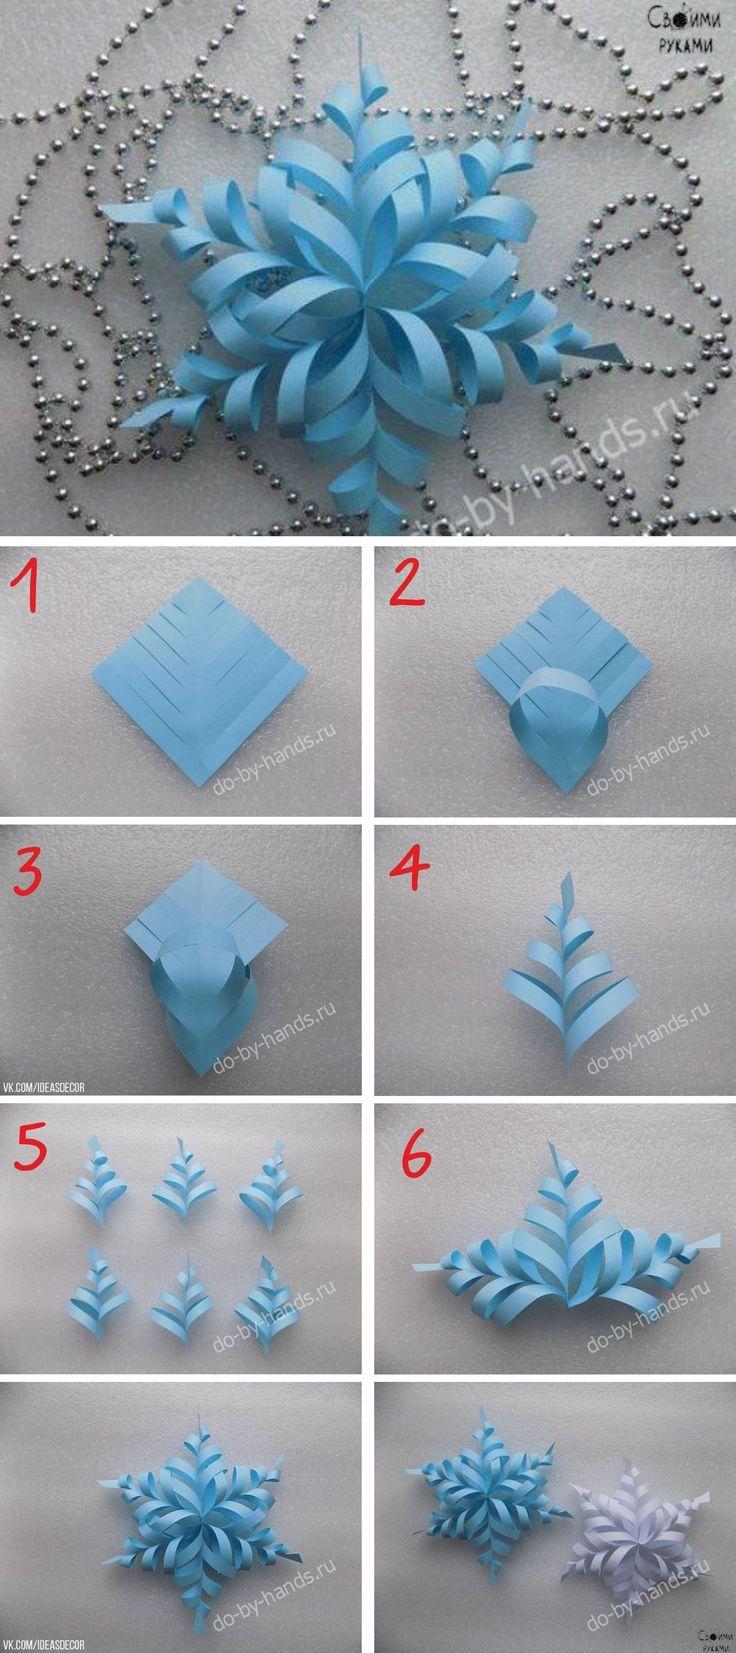 Schneeflocke von sechs Quadraten Papier, jedes